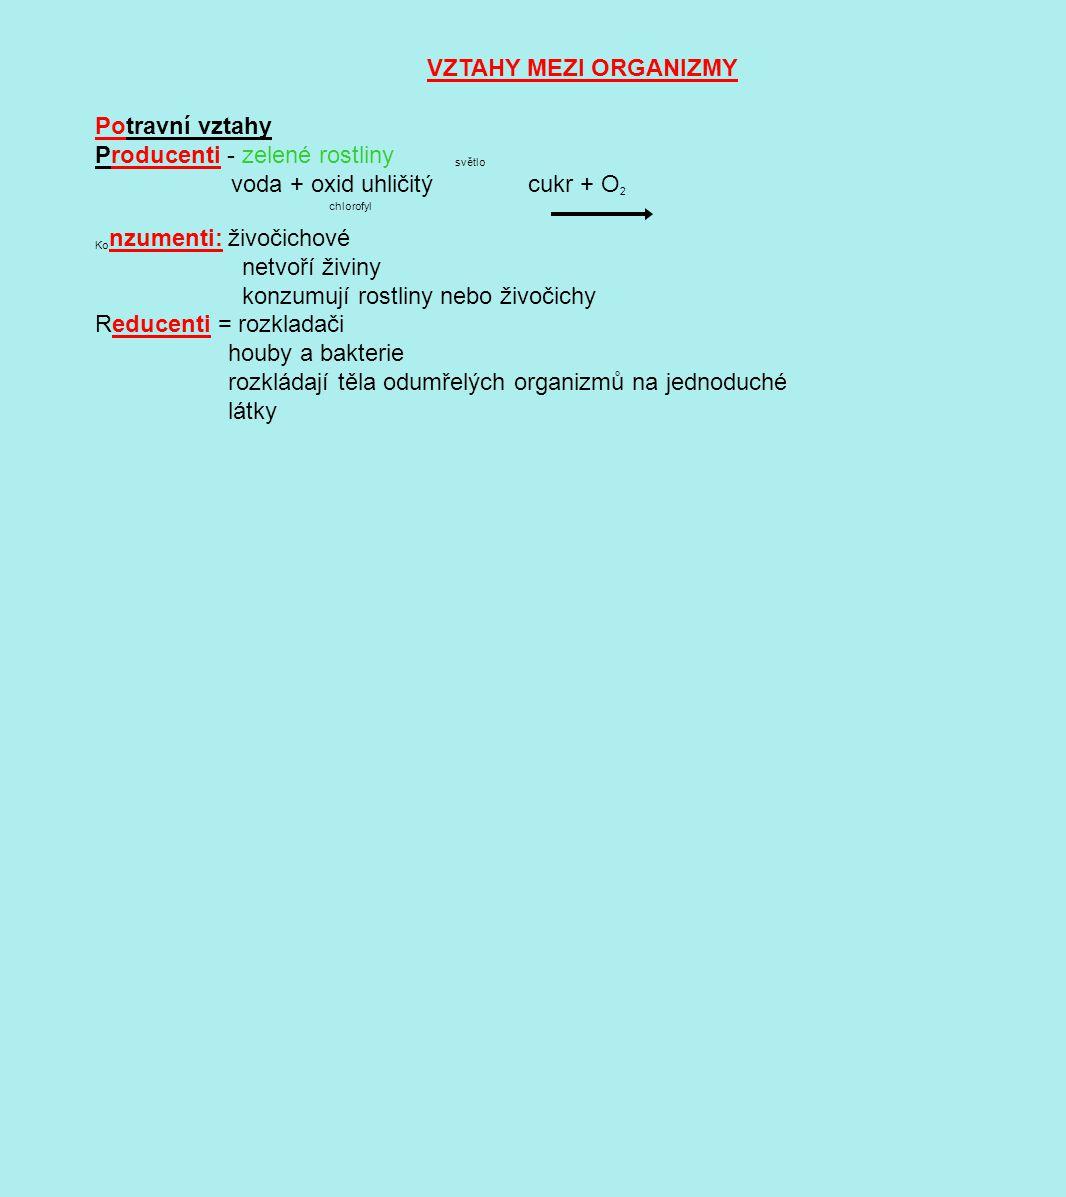 ZÁSTUPCI PRVOKŮ BIČÍKOVCI - bičíky - pohyb trypanozóma spavičná - krví člověka - parazit - spavá nemoc - Afrika - přenáší ji moucha tse-tse KOŘENONOŽCI Měňavky - na kamenech, v rybníku - 1 mm - panožky - mění tvar - přelévání cytoplazmy měňavka úplavičná - úplavice, hygiena DÍRKONOŽCI - vápenité schránky, vápenec SLUNIVKY - sladkovodní dírkonožci MŘÍŽOVCI - křemité schránky